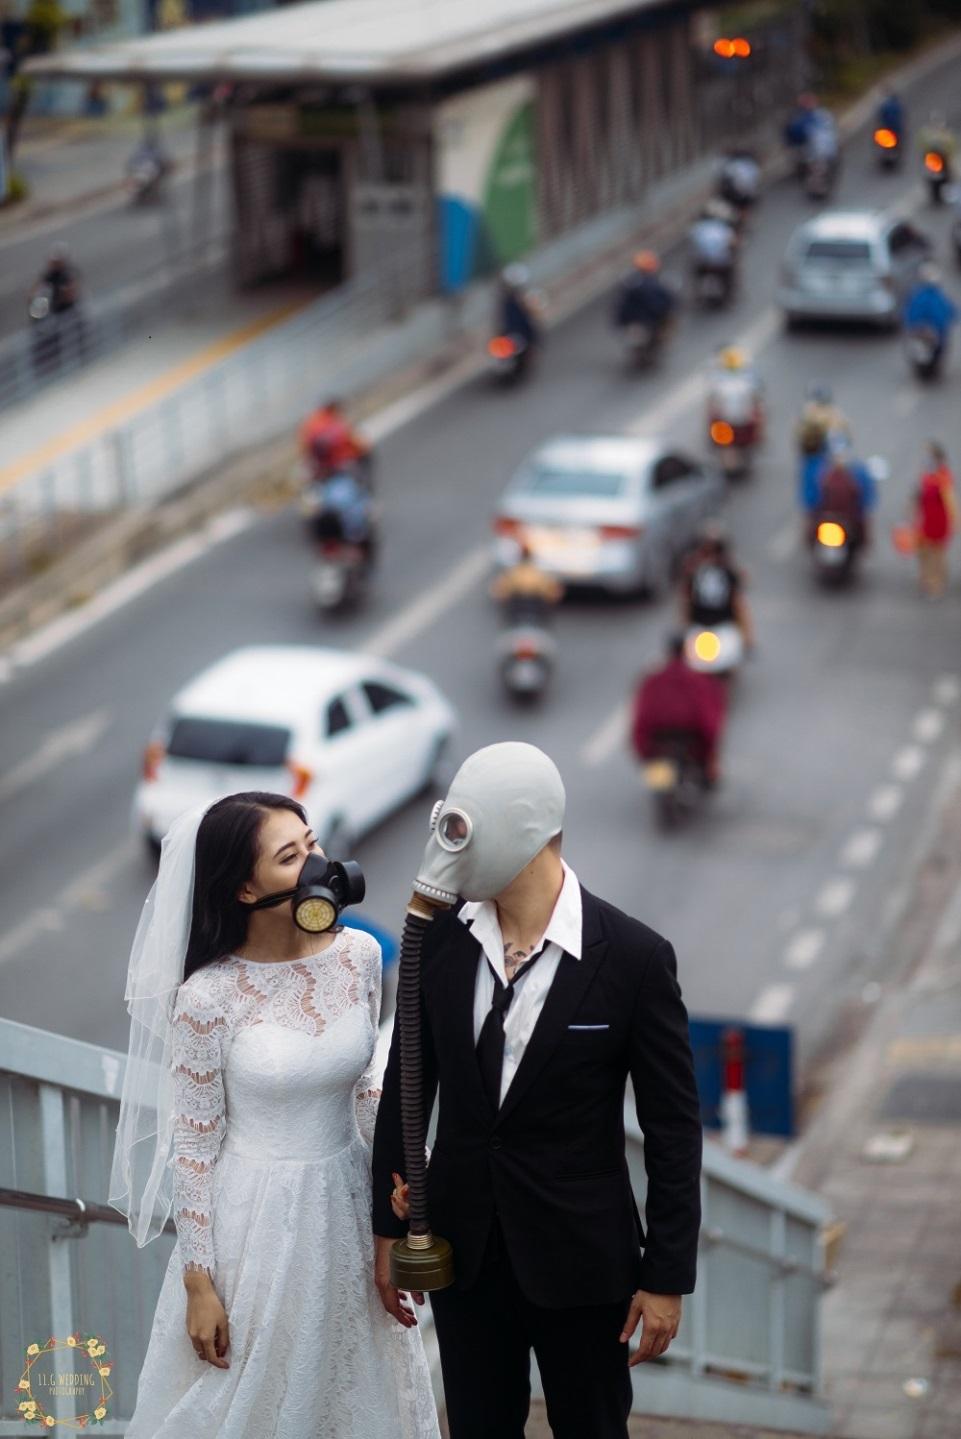 Bộ ảnh đeo mặt nạ cảnh báo ô nhiễm không khí gây ám ảnh dân mạng - 8